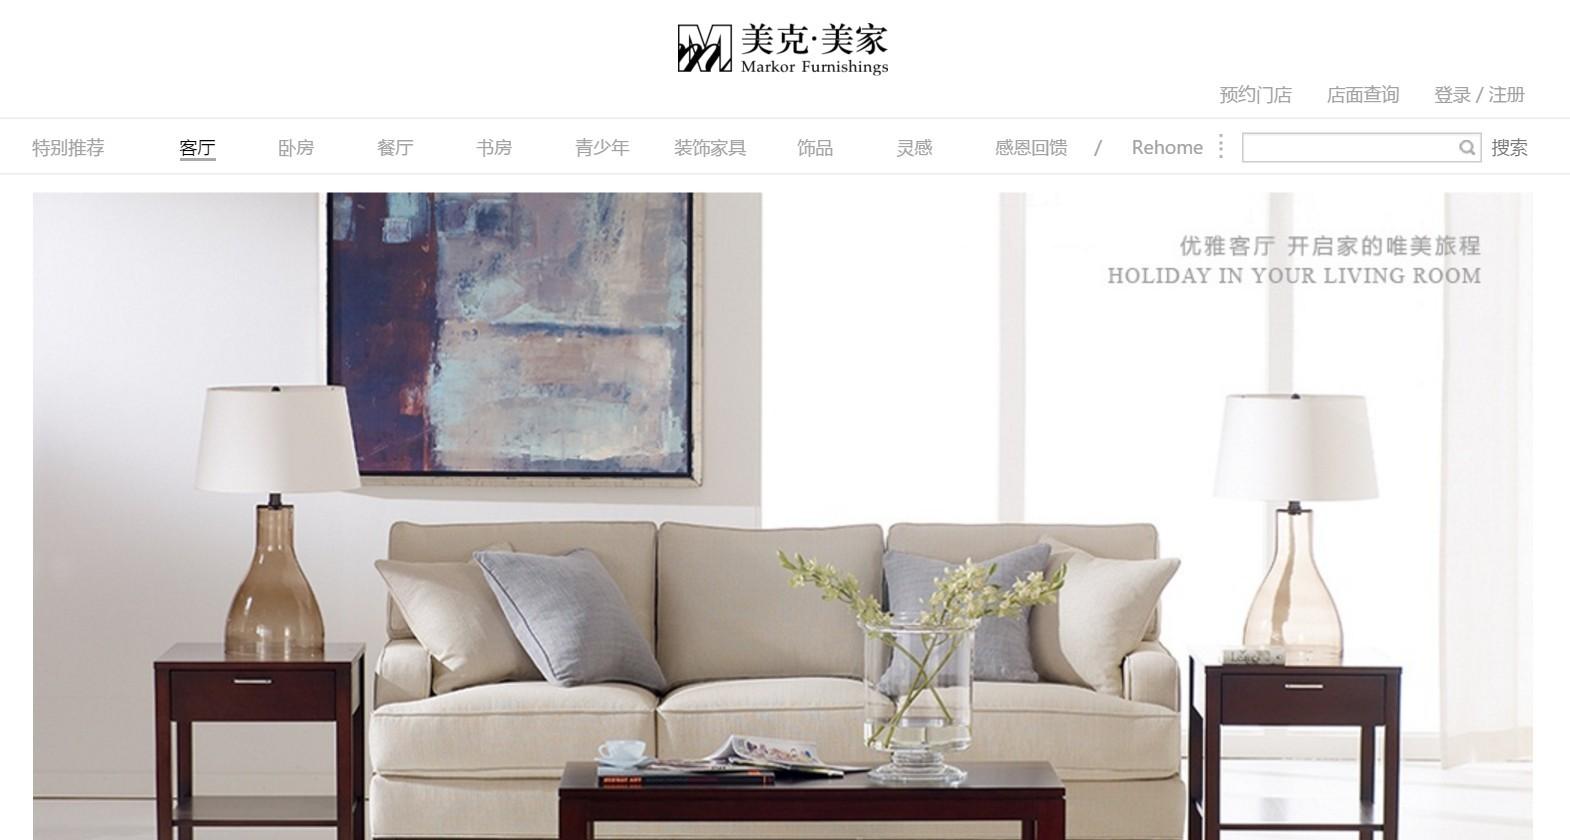 互聯網+家具業,用數據建構對家庭佈置的想像力